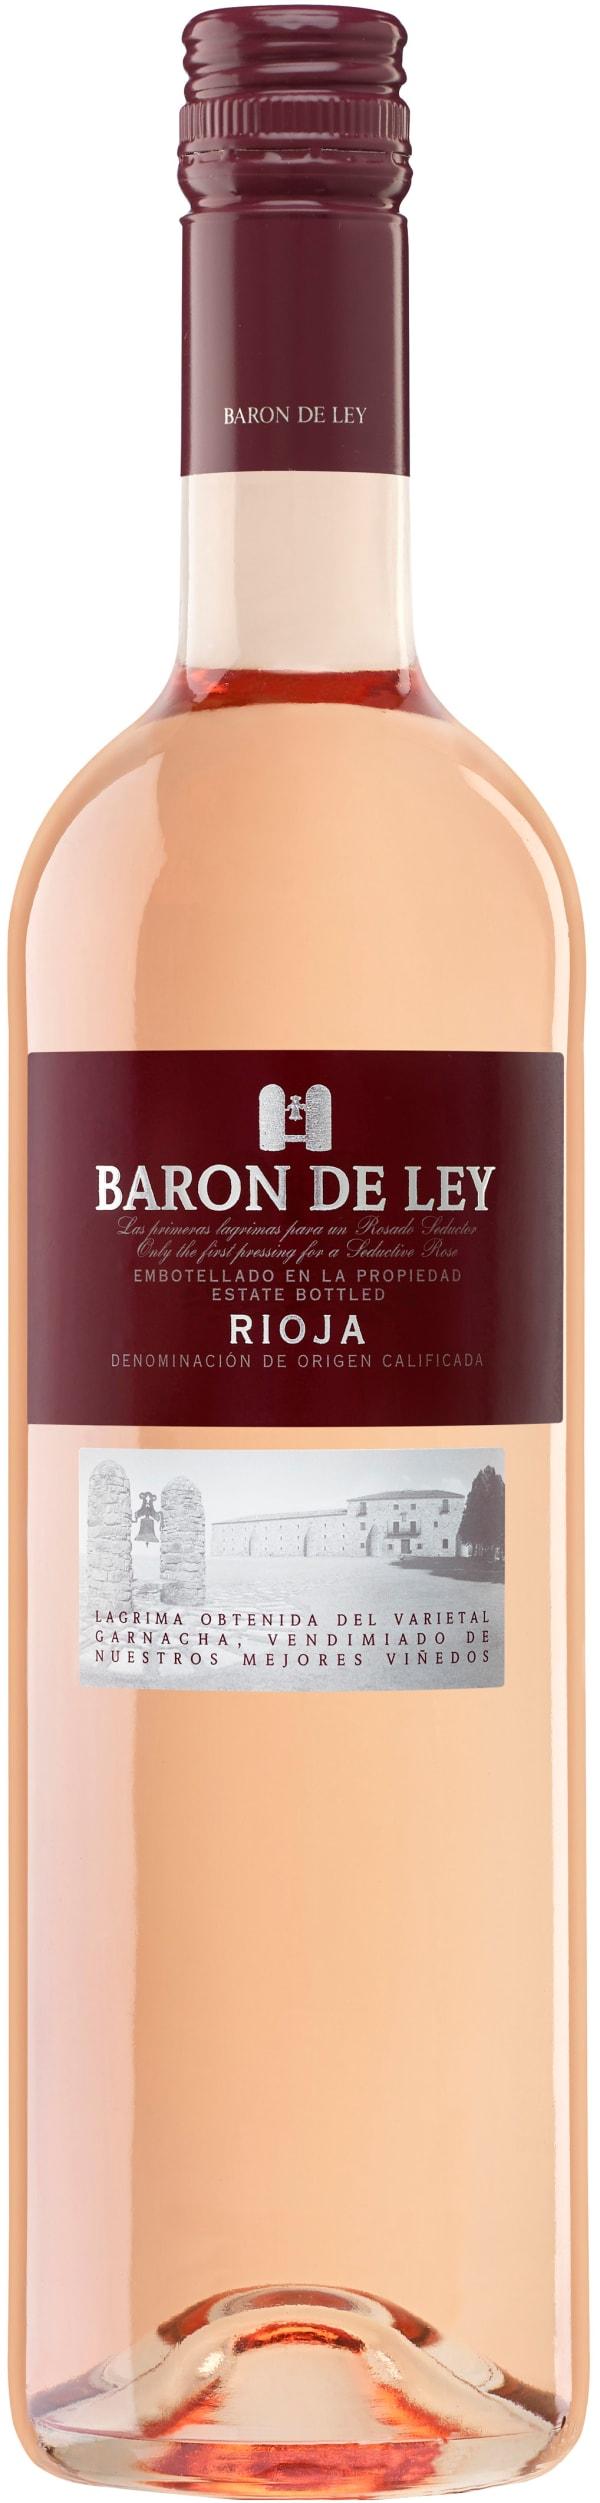 Baron de Ley Rosado 2018